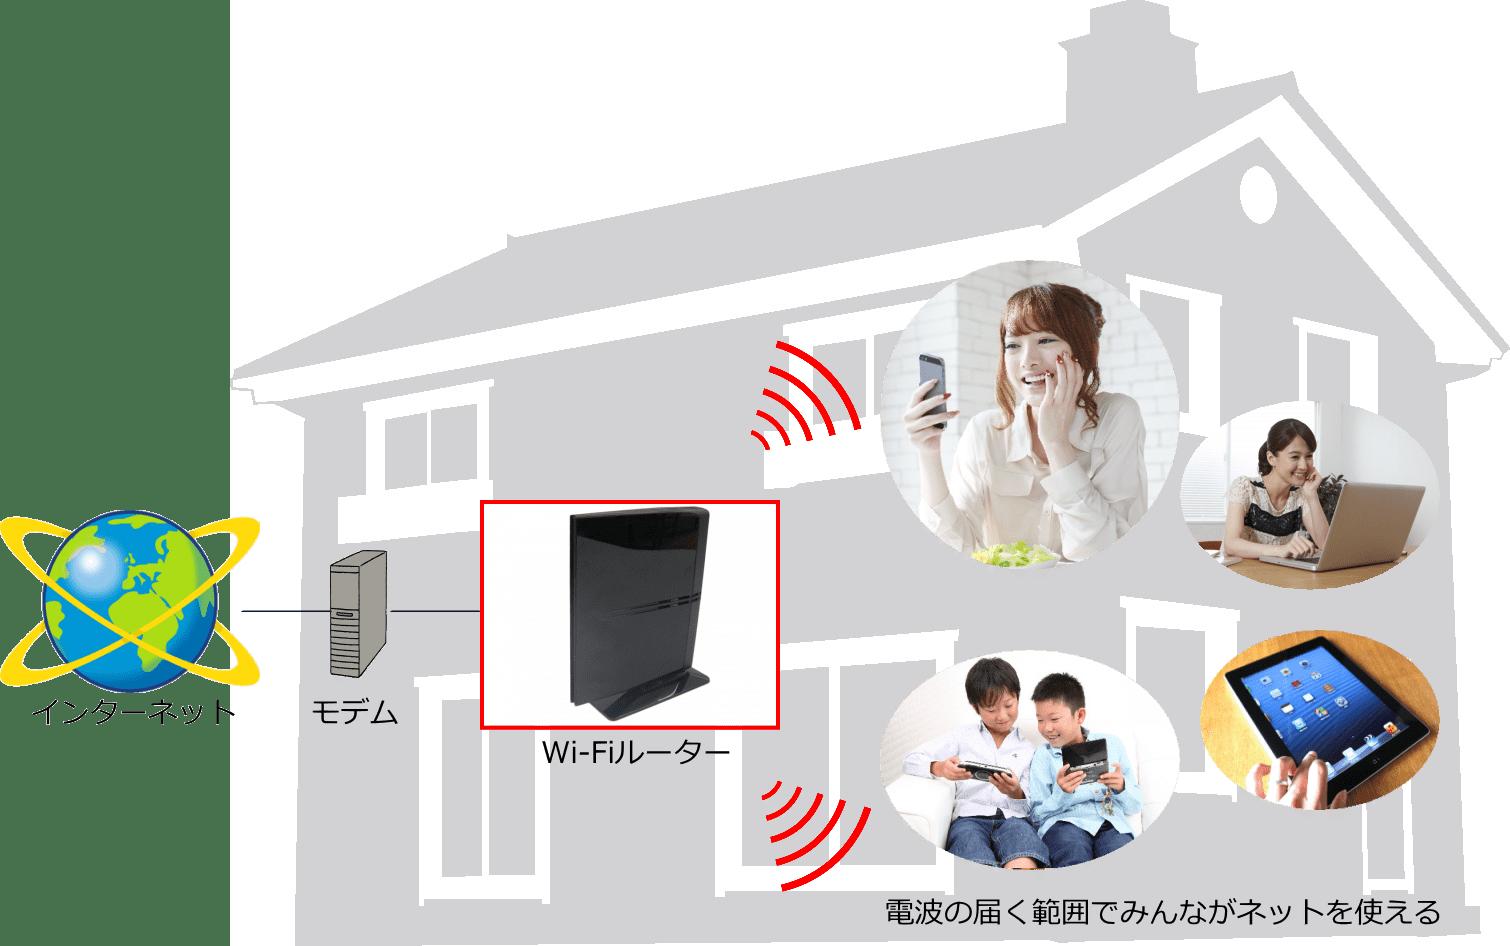 Wi-Fiルータがあれば電波の届く範囲でネットが使える